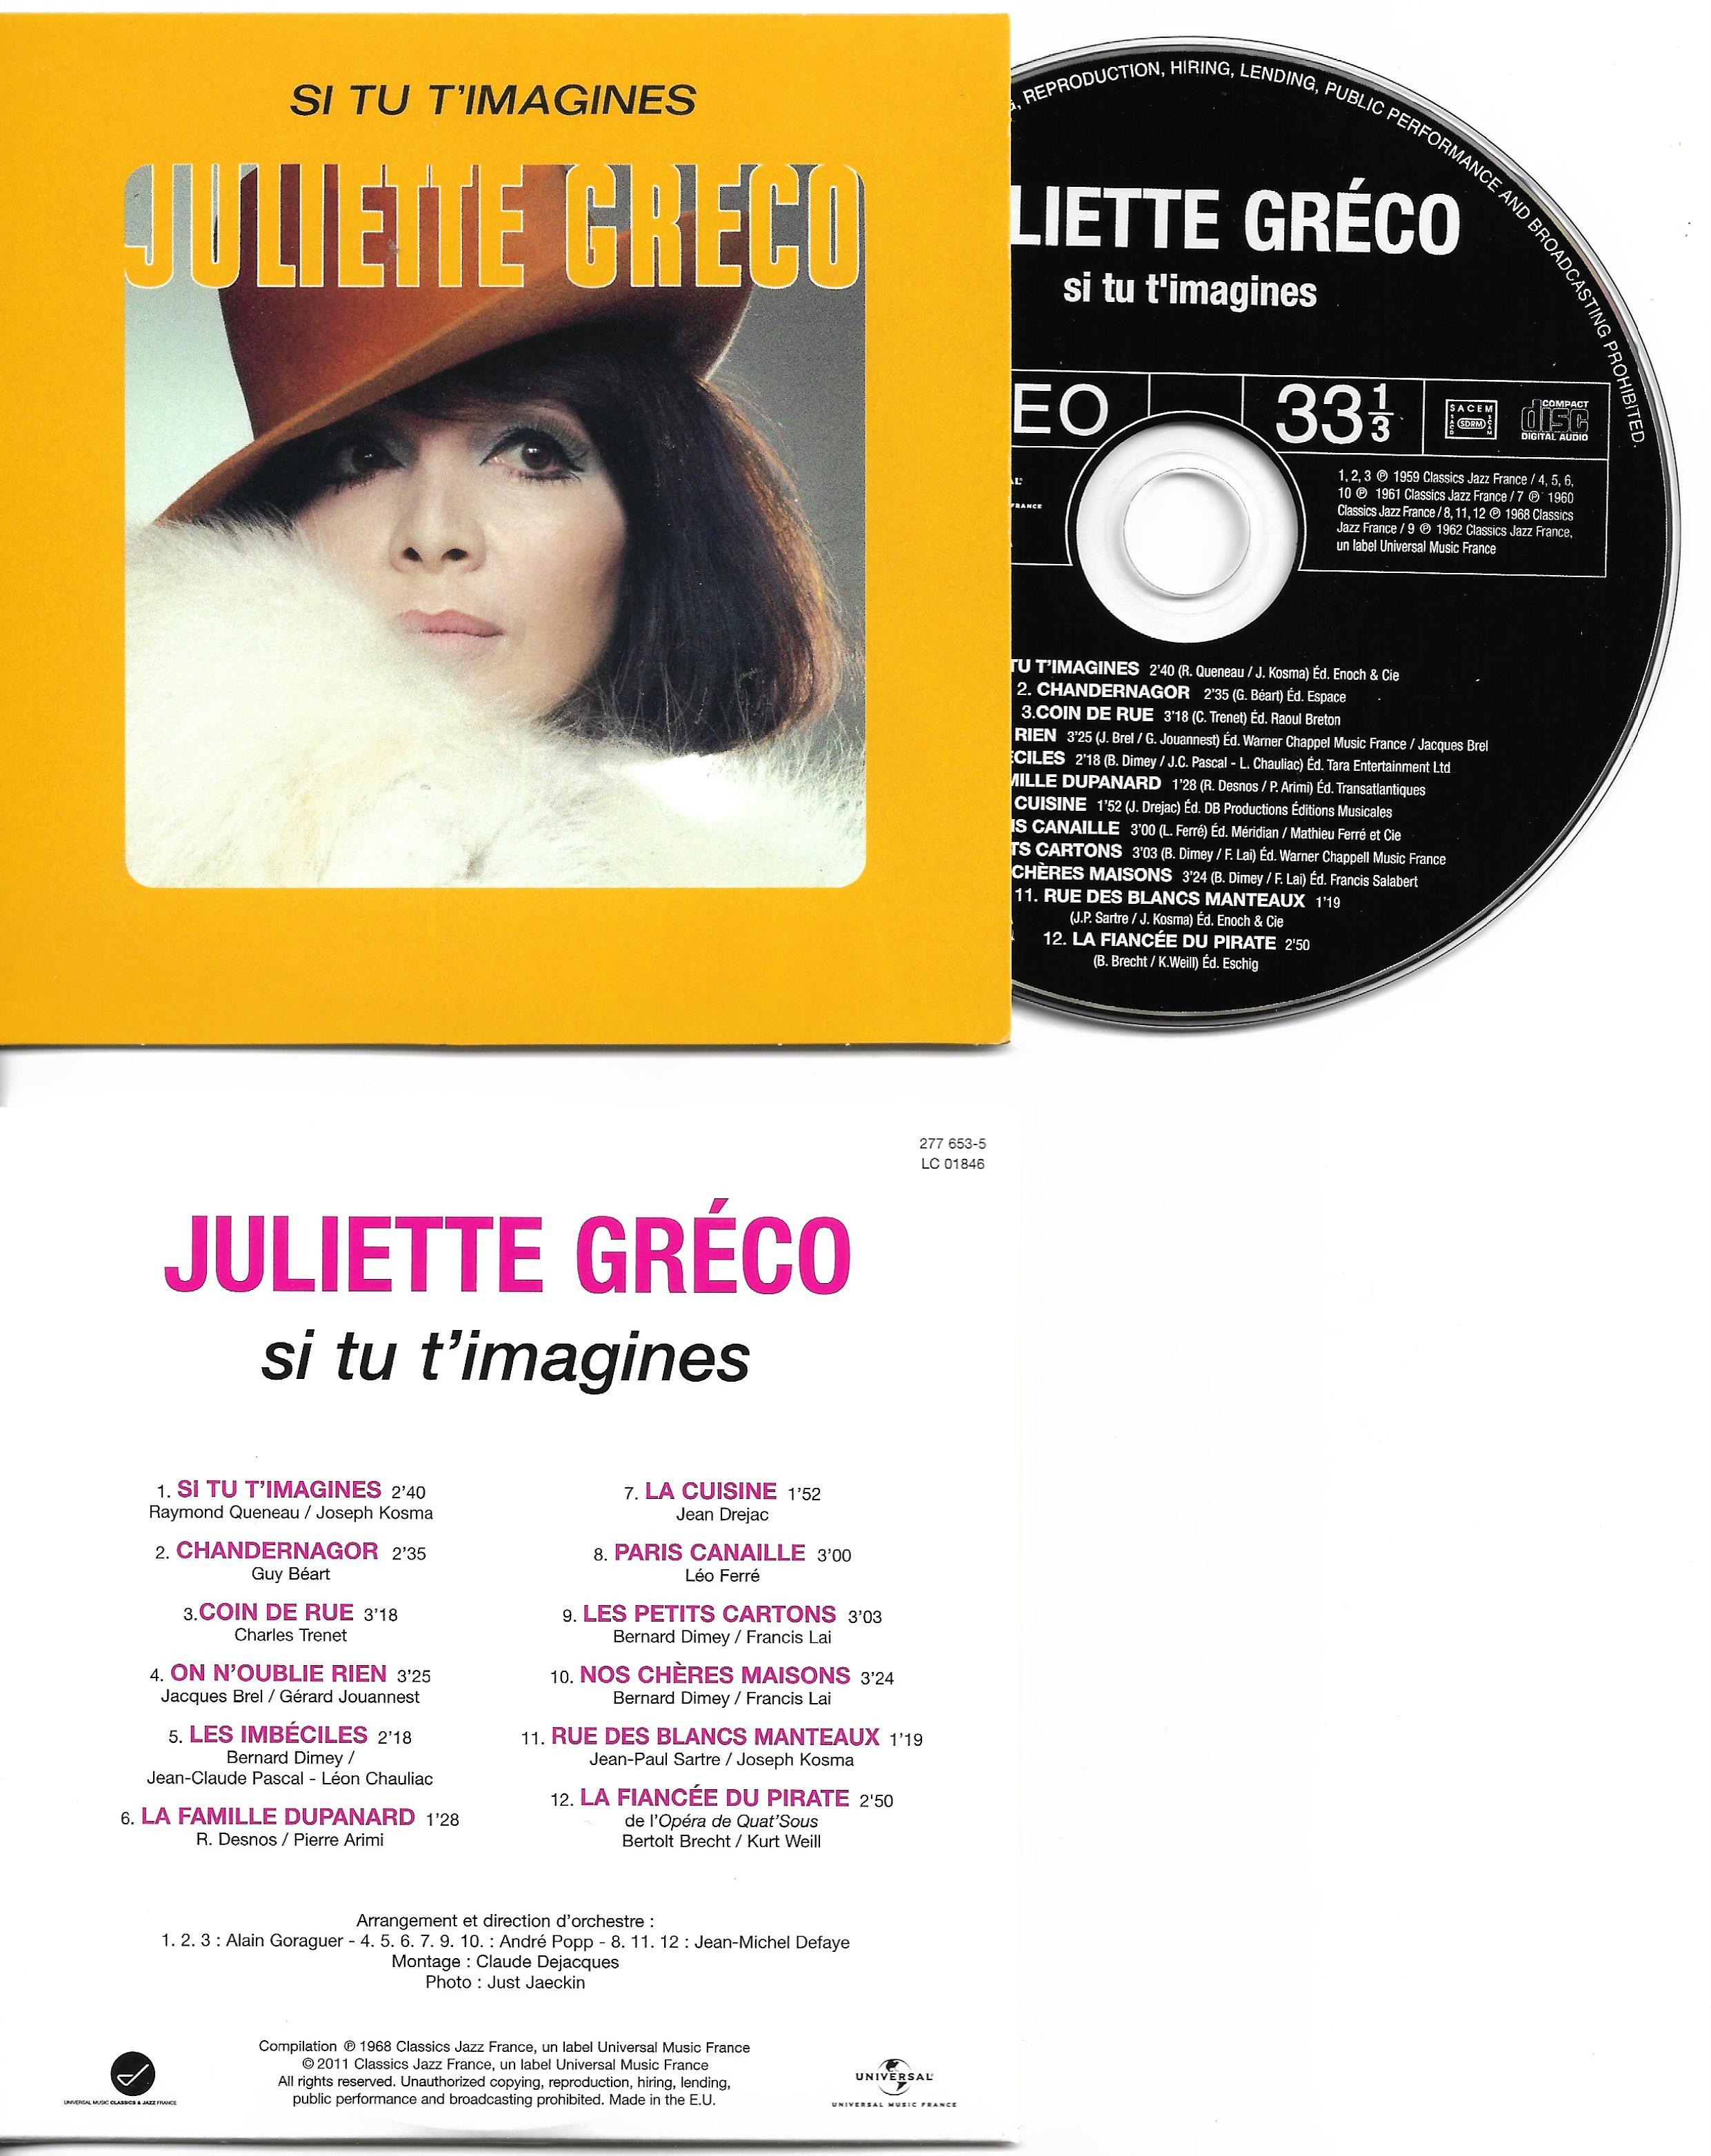 JULIETTE GRÉCO - Si tu t'imagines - Mini LP - 12-TRACK CARD SLEEVE - 12 Titres pochette Cartonnée - CD